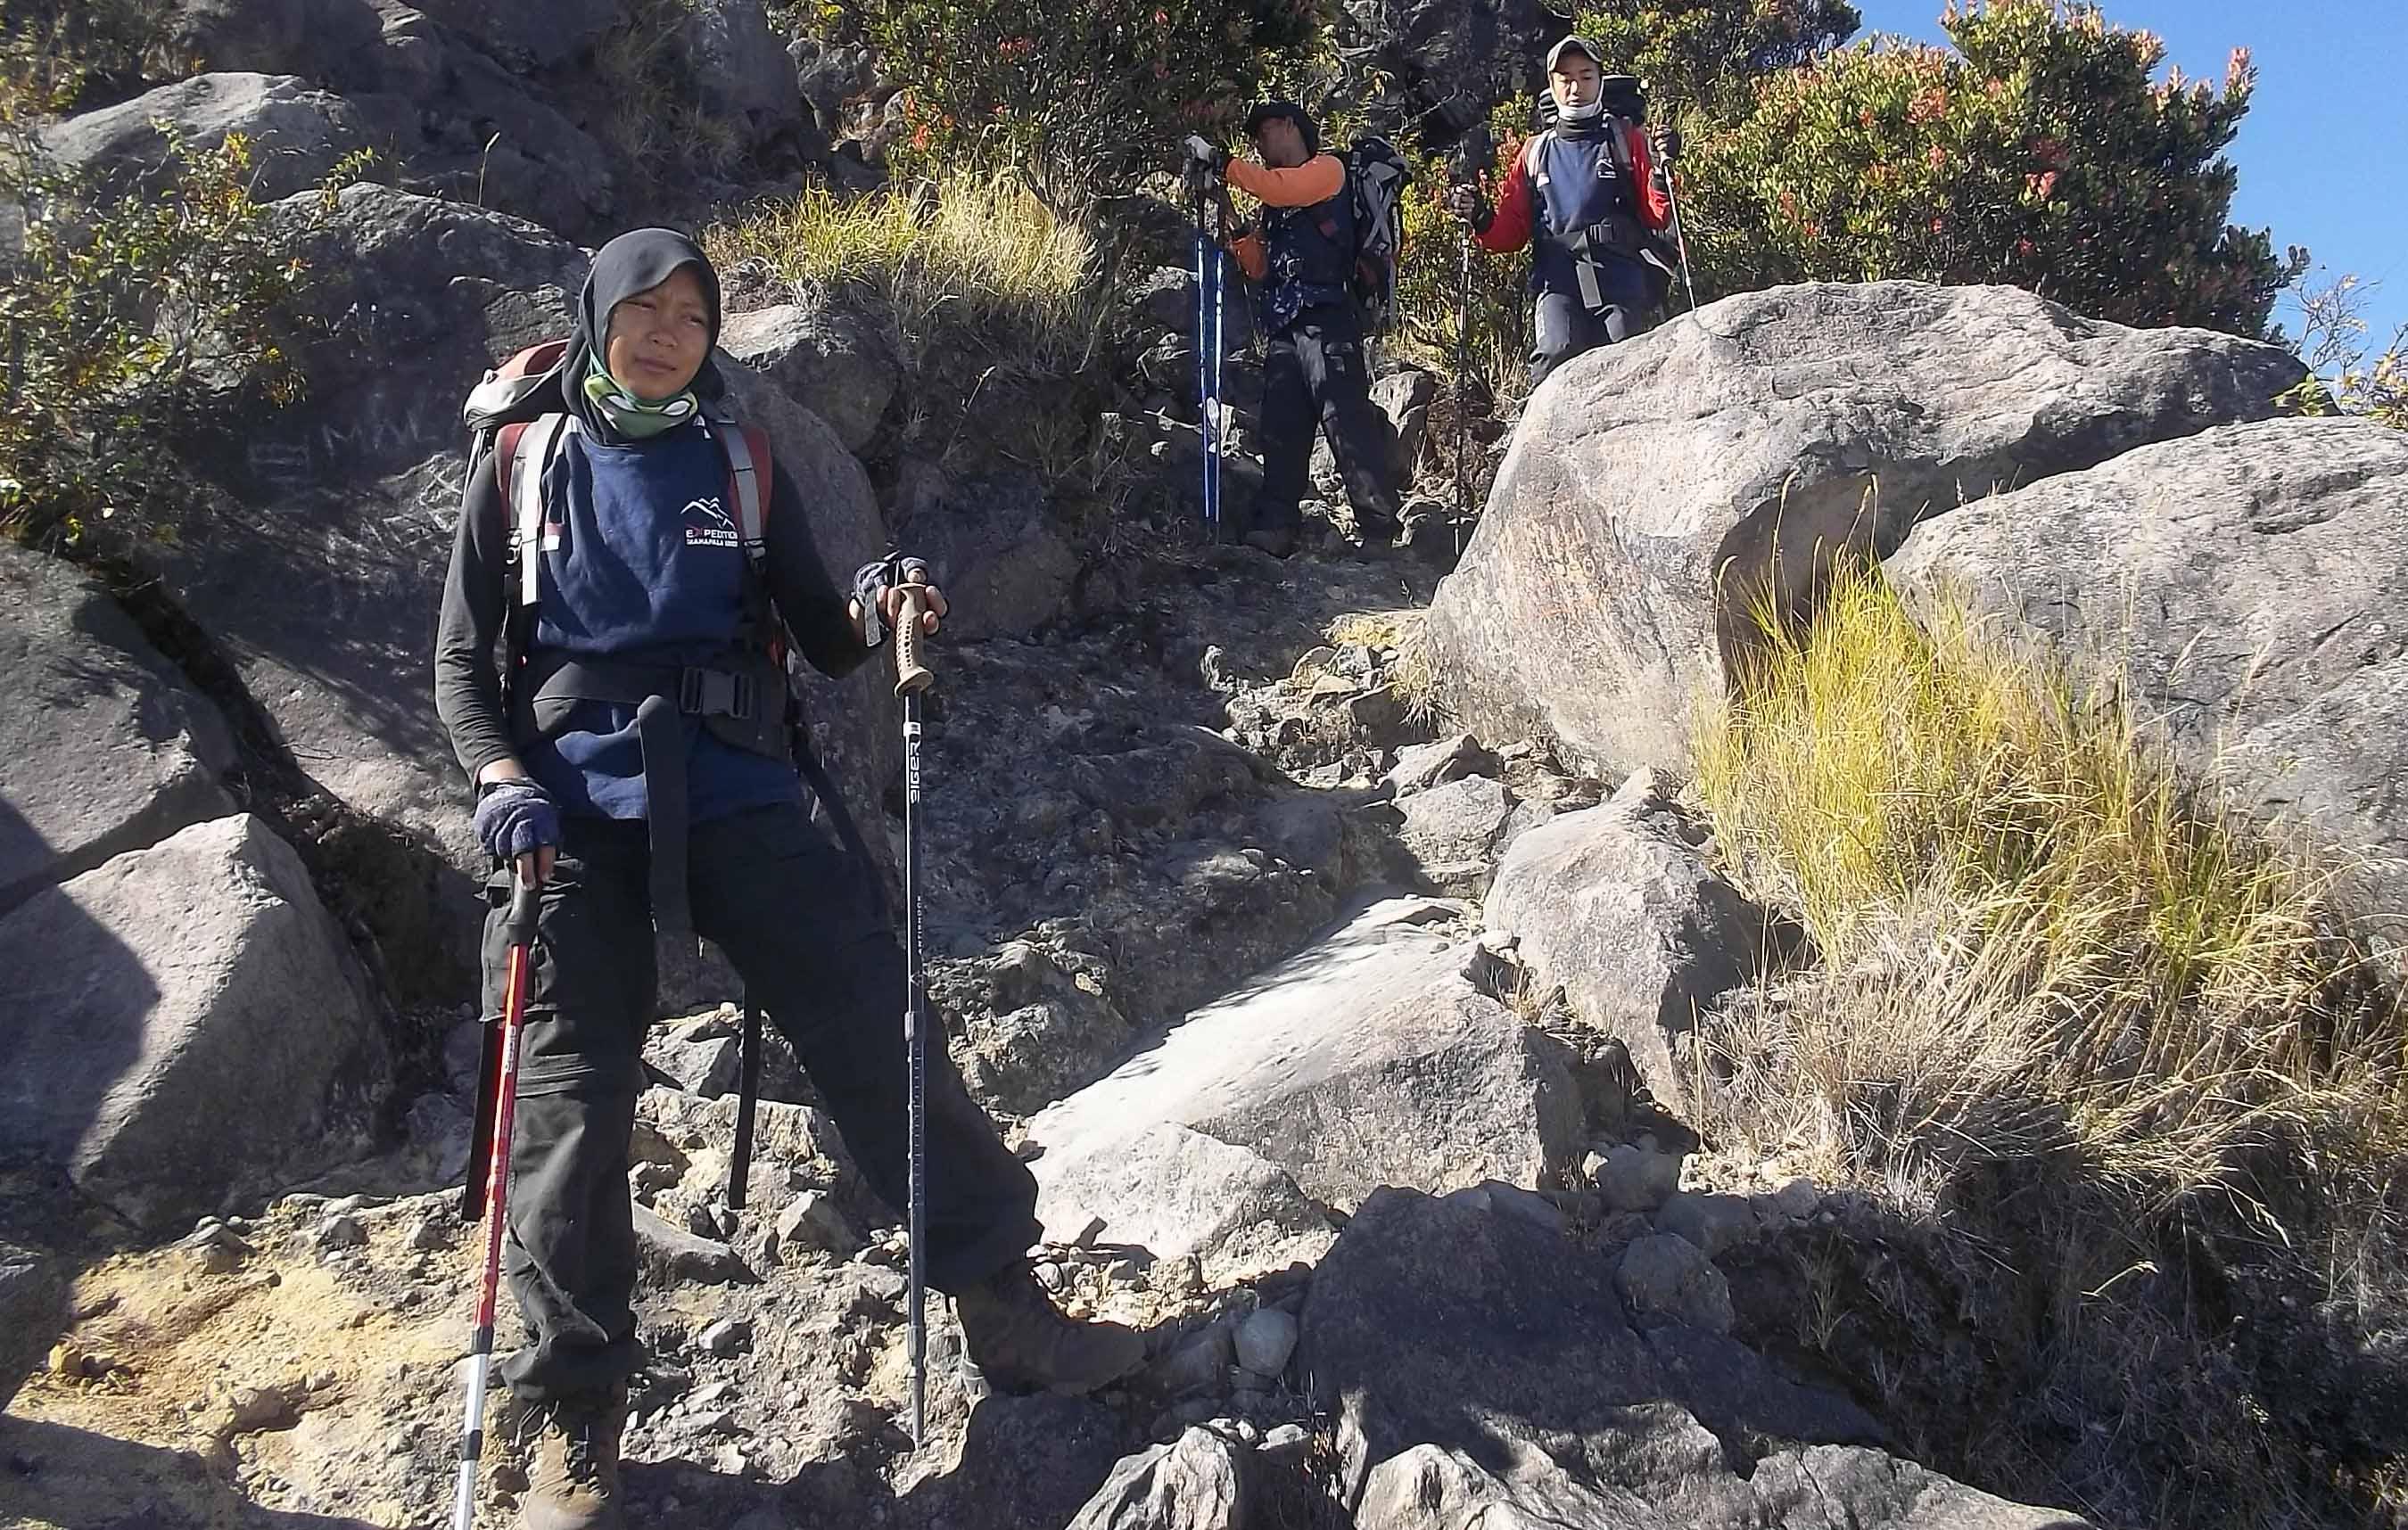 Tim Ekspedisi Mahapala  Berlatih di Gunung Sumbing